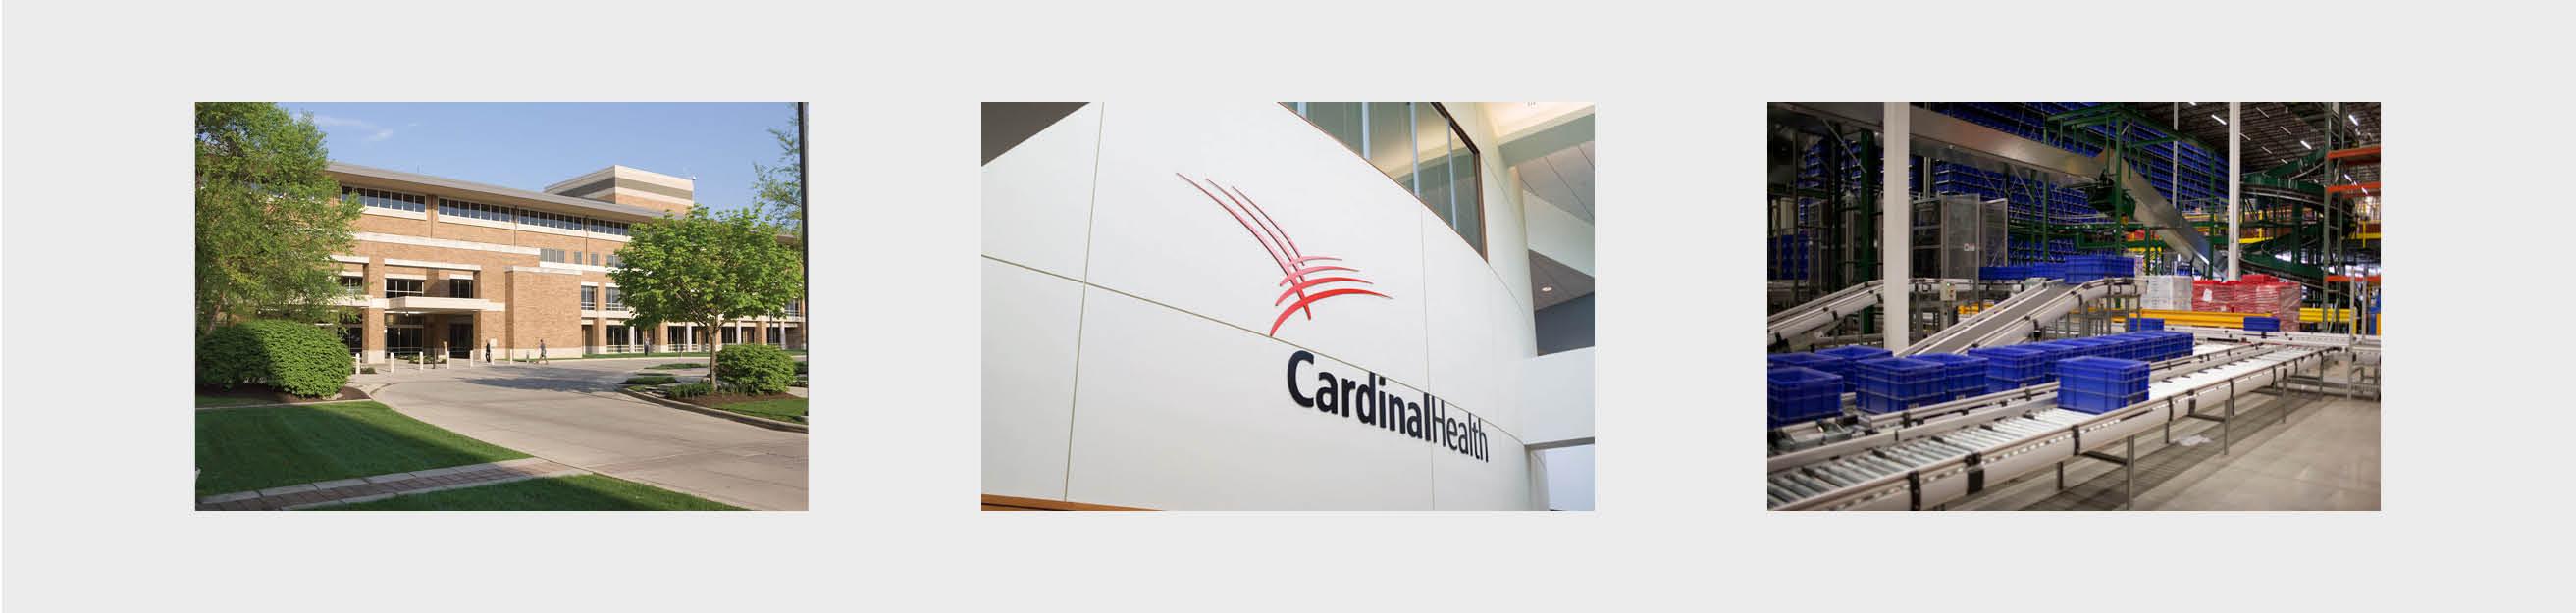 Cardinal Health Images